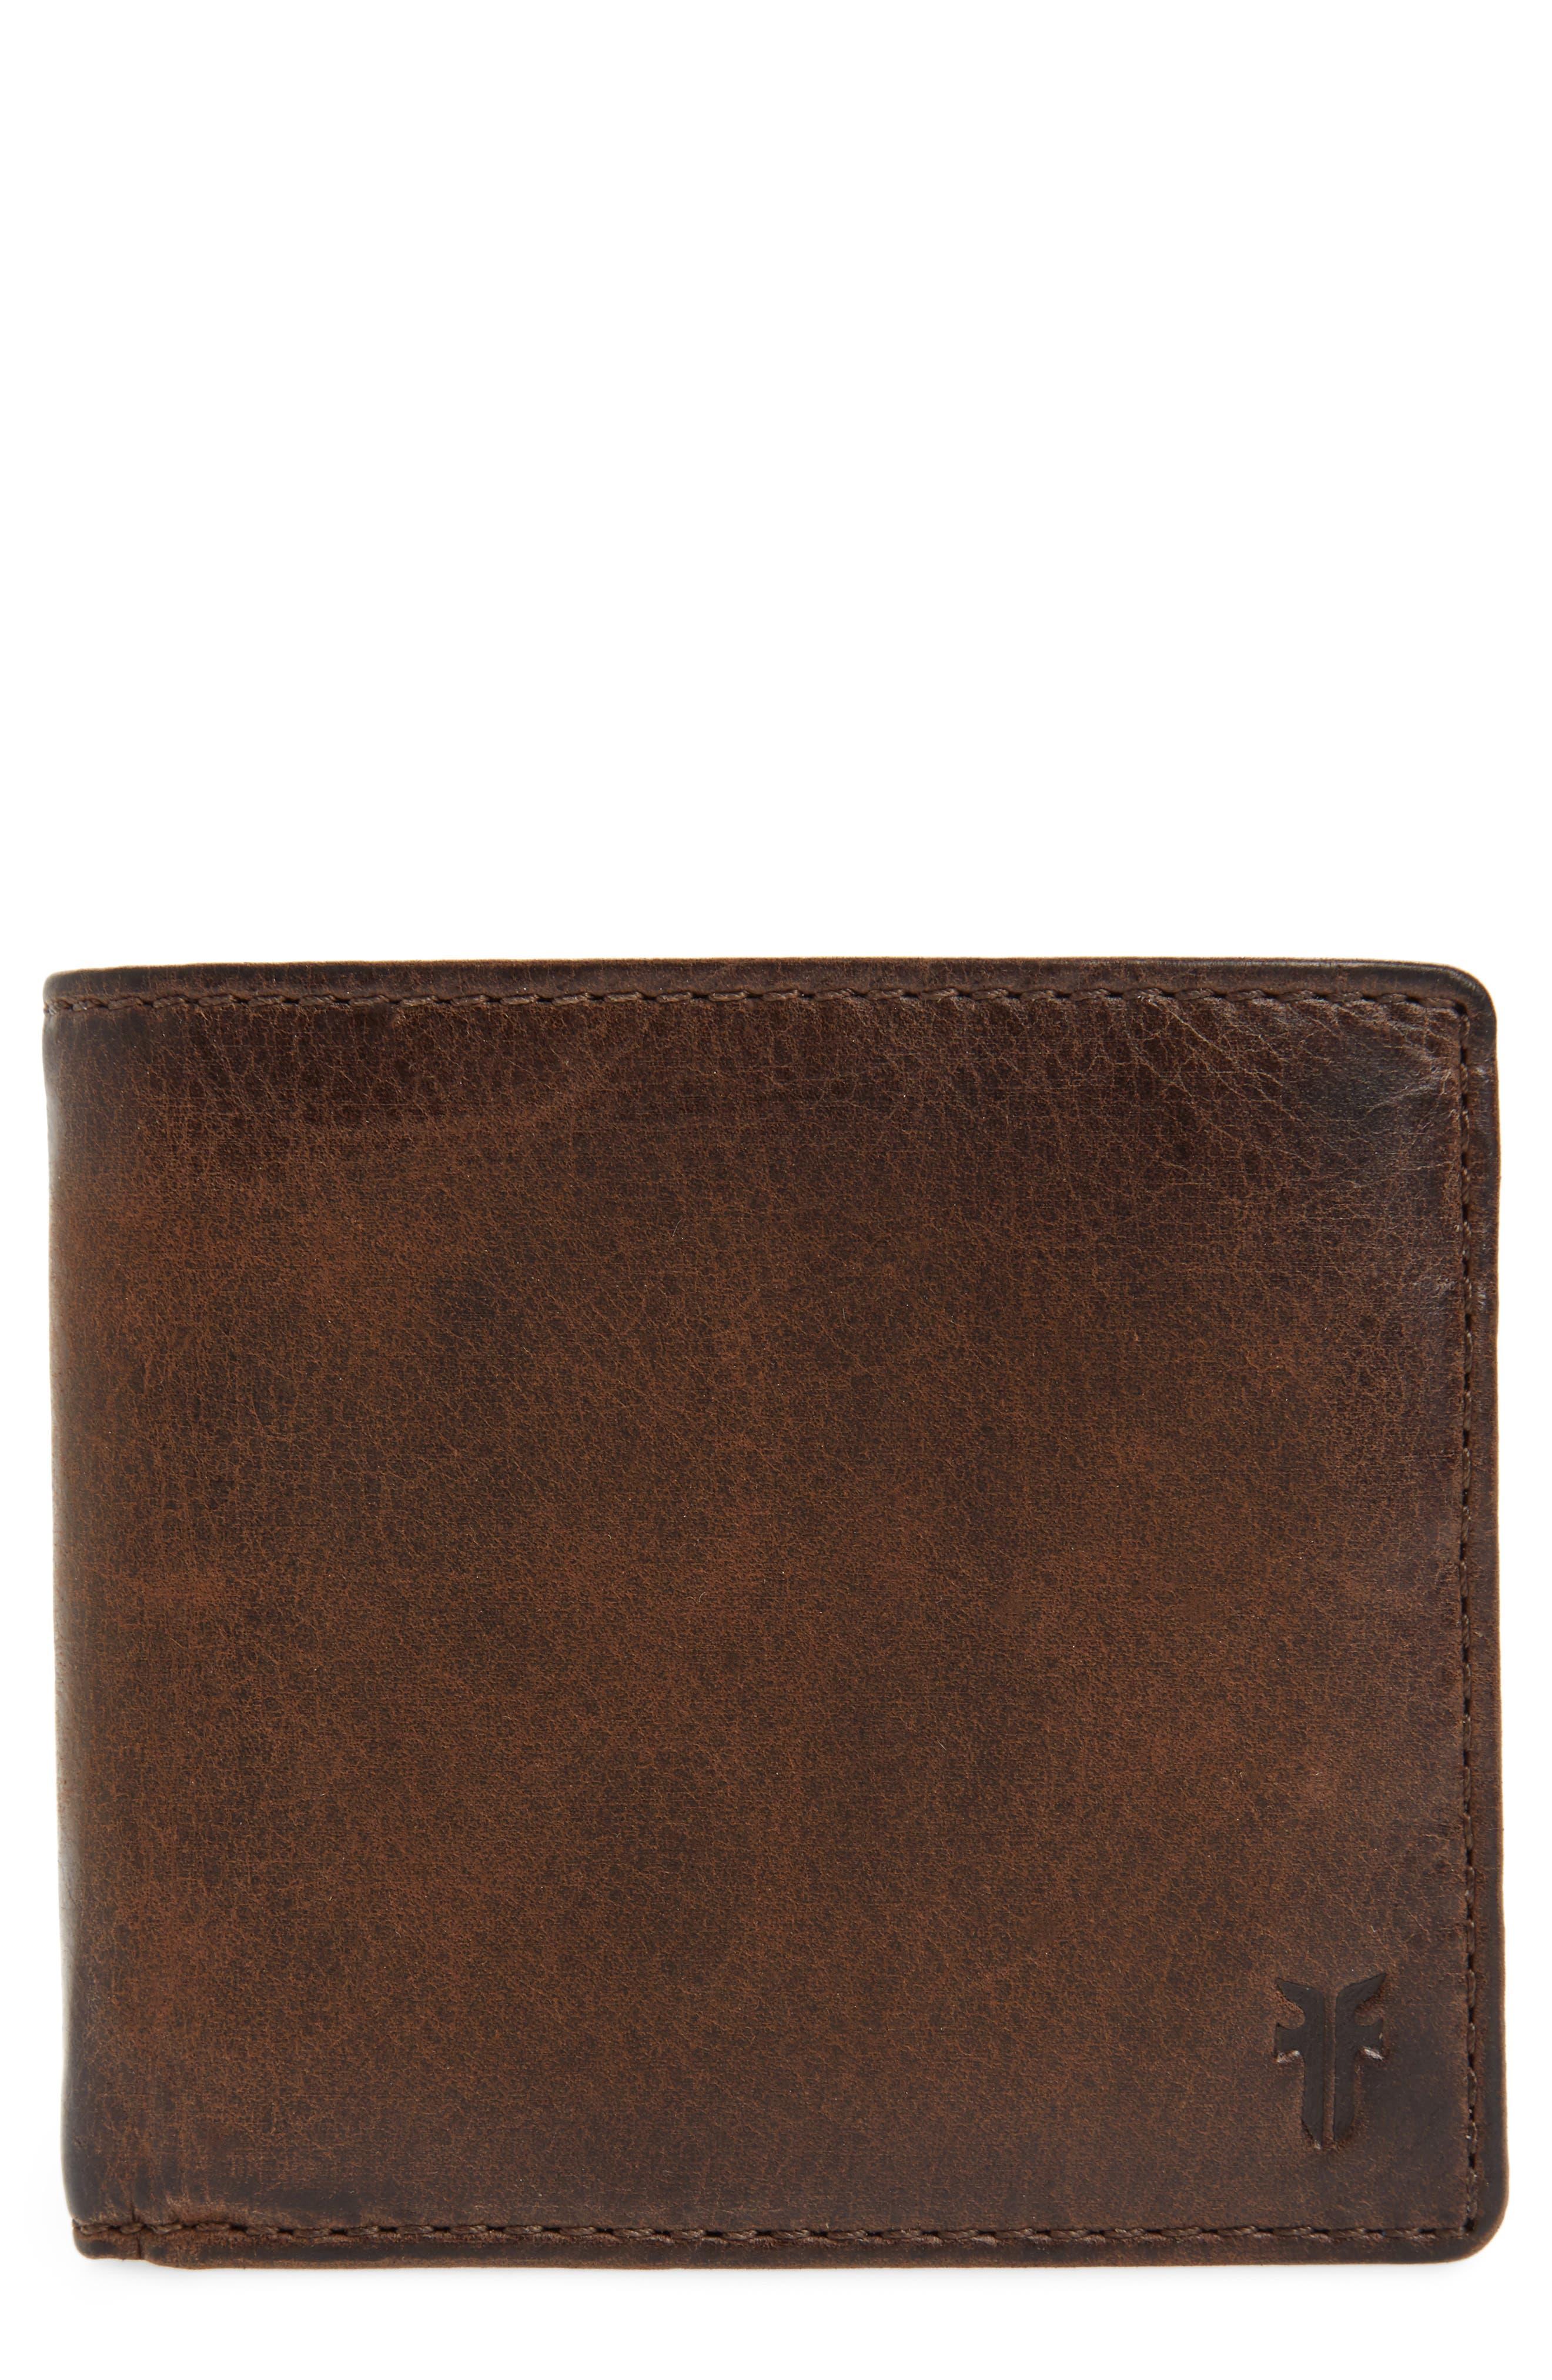 Alternate Image 1 Selected - Frye Oliver Leather Wallet